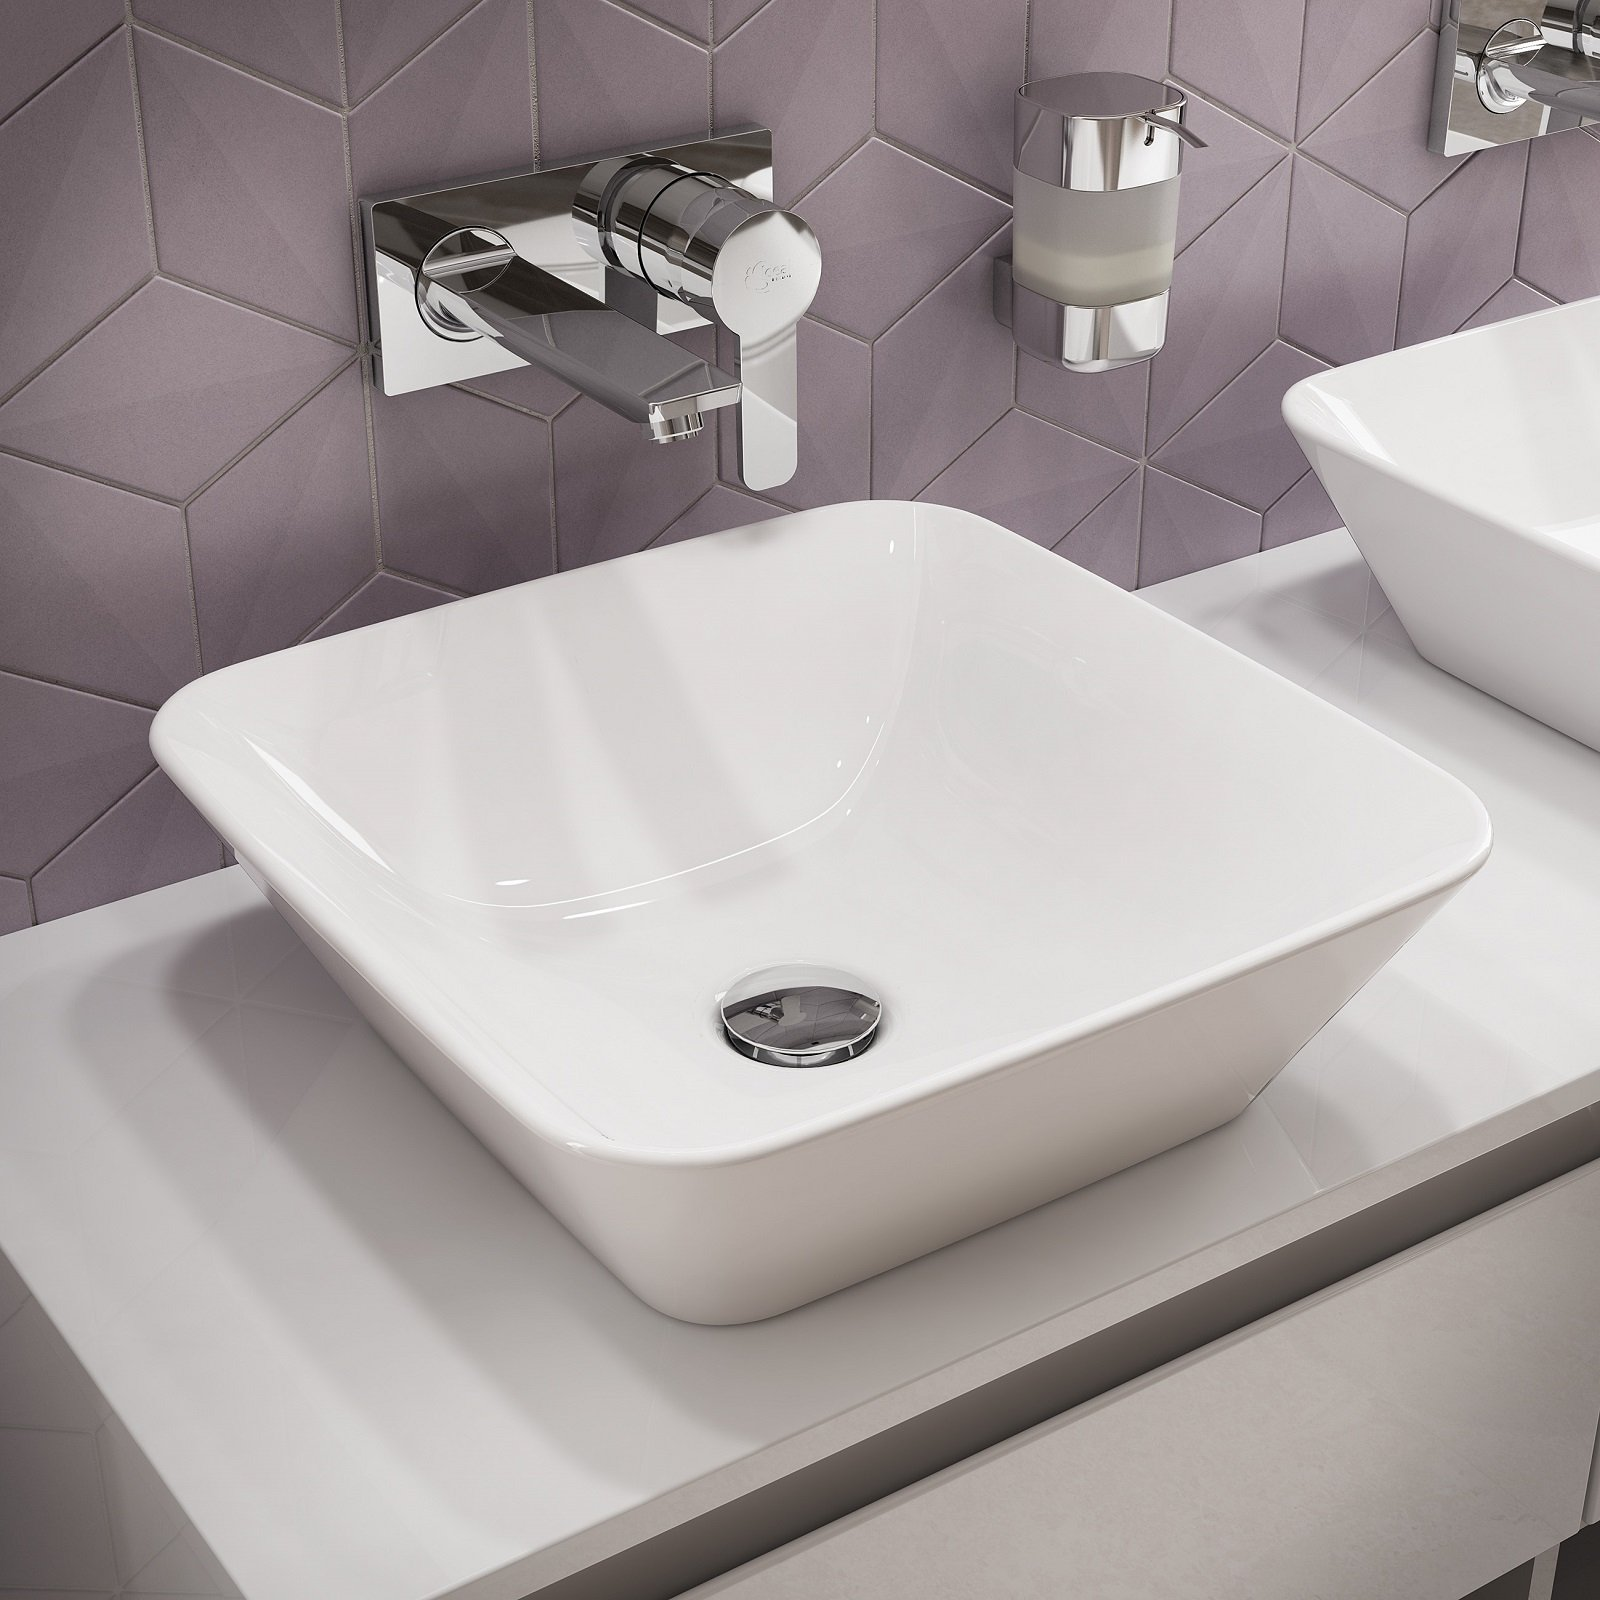 fanno tendenza i moderni lavabi d appoggio che donano leggerezza all ambiente bagno sia di stile. Black Bedroom Furniture Sets. Home Design Ideas